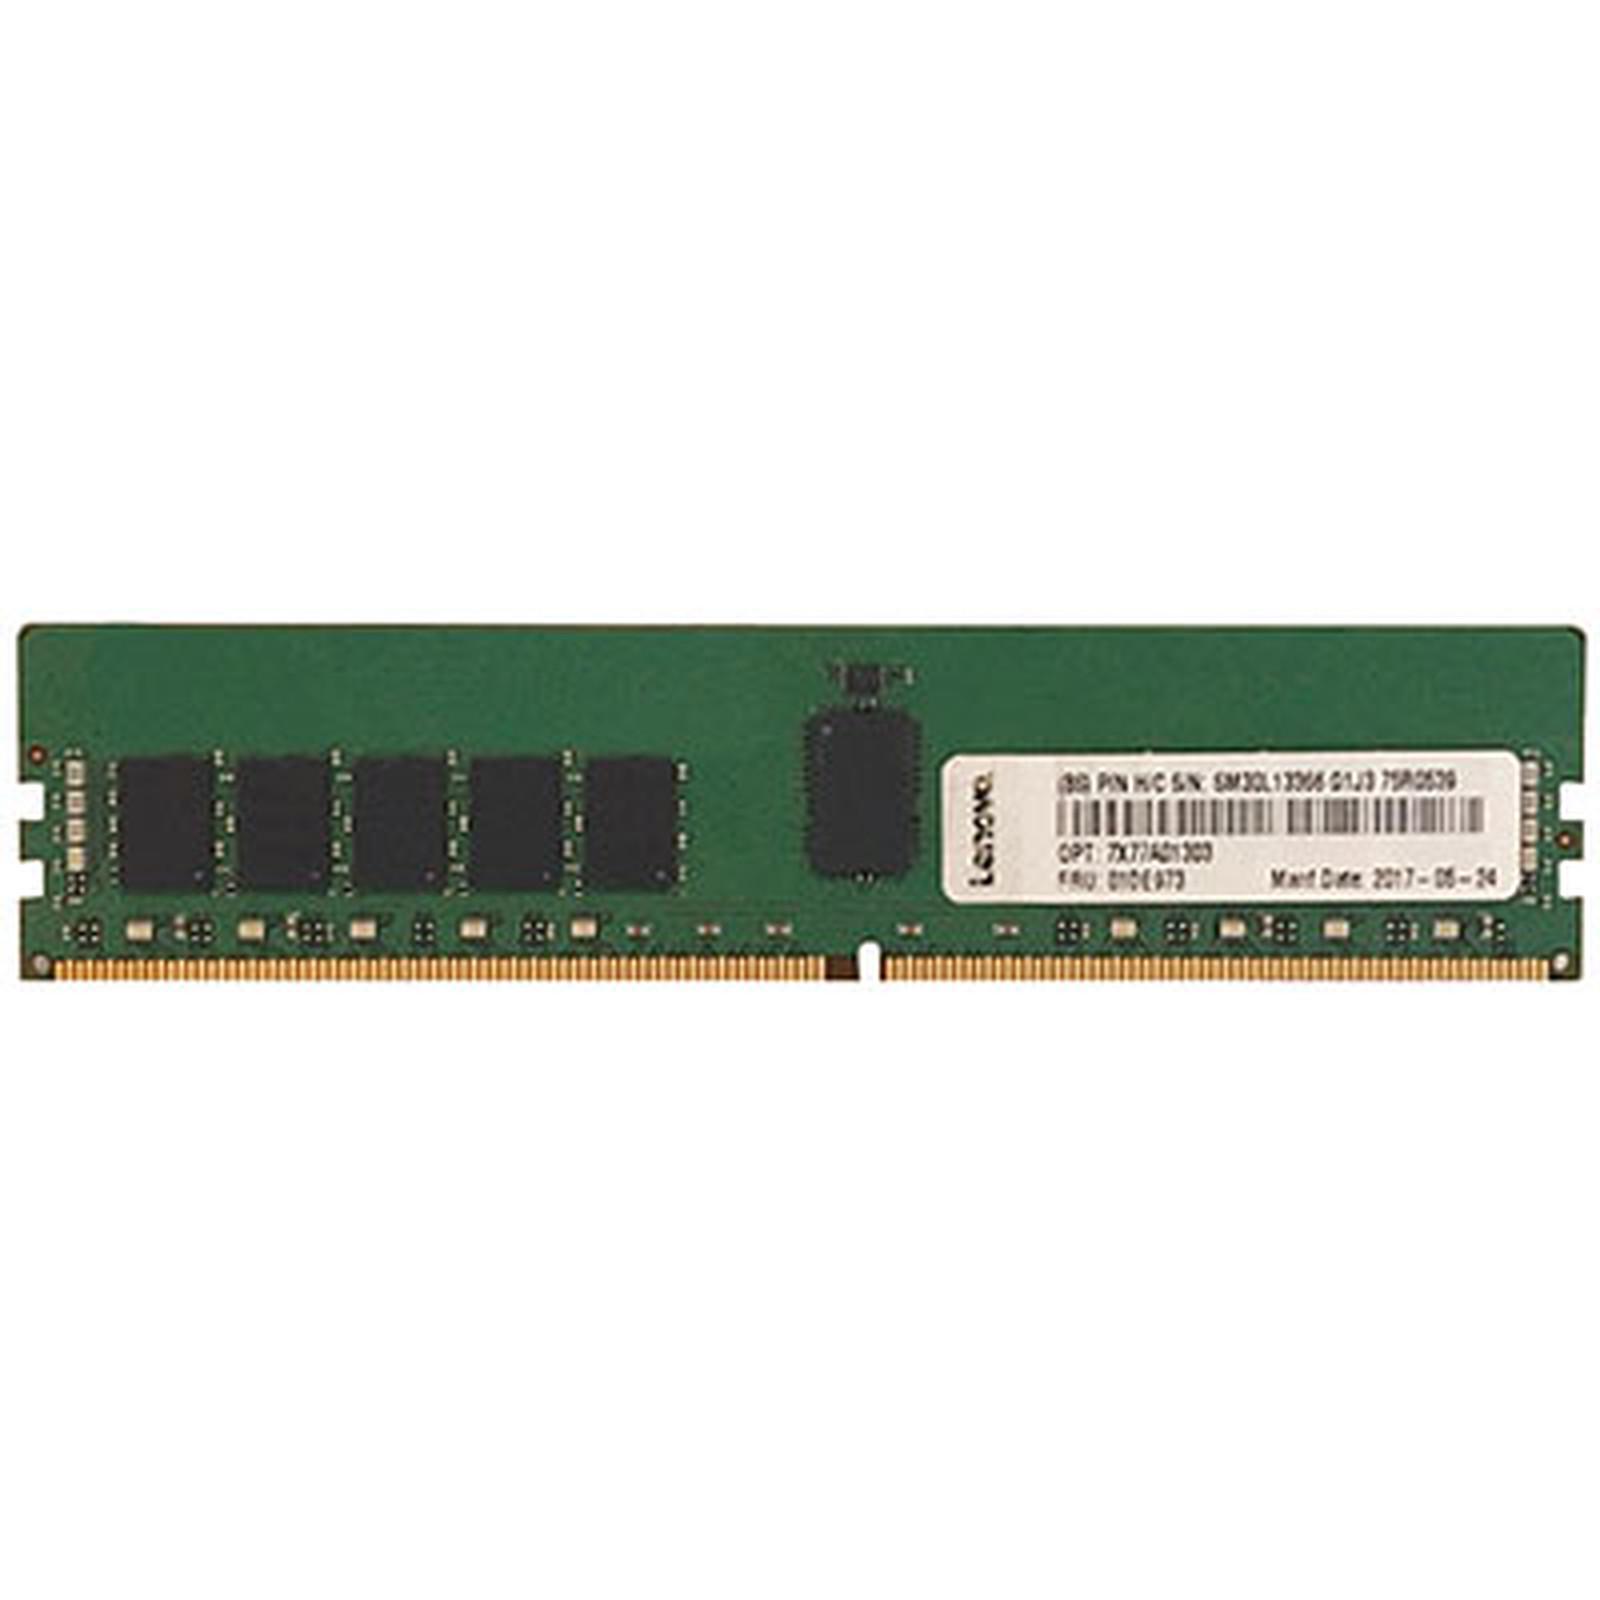 Lenovo ThinkSystem 16 Go DDR4 2666 MHz ECC (7X77A01303)